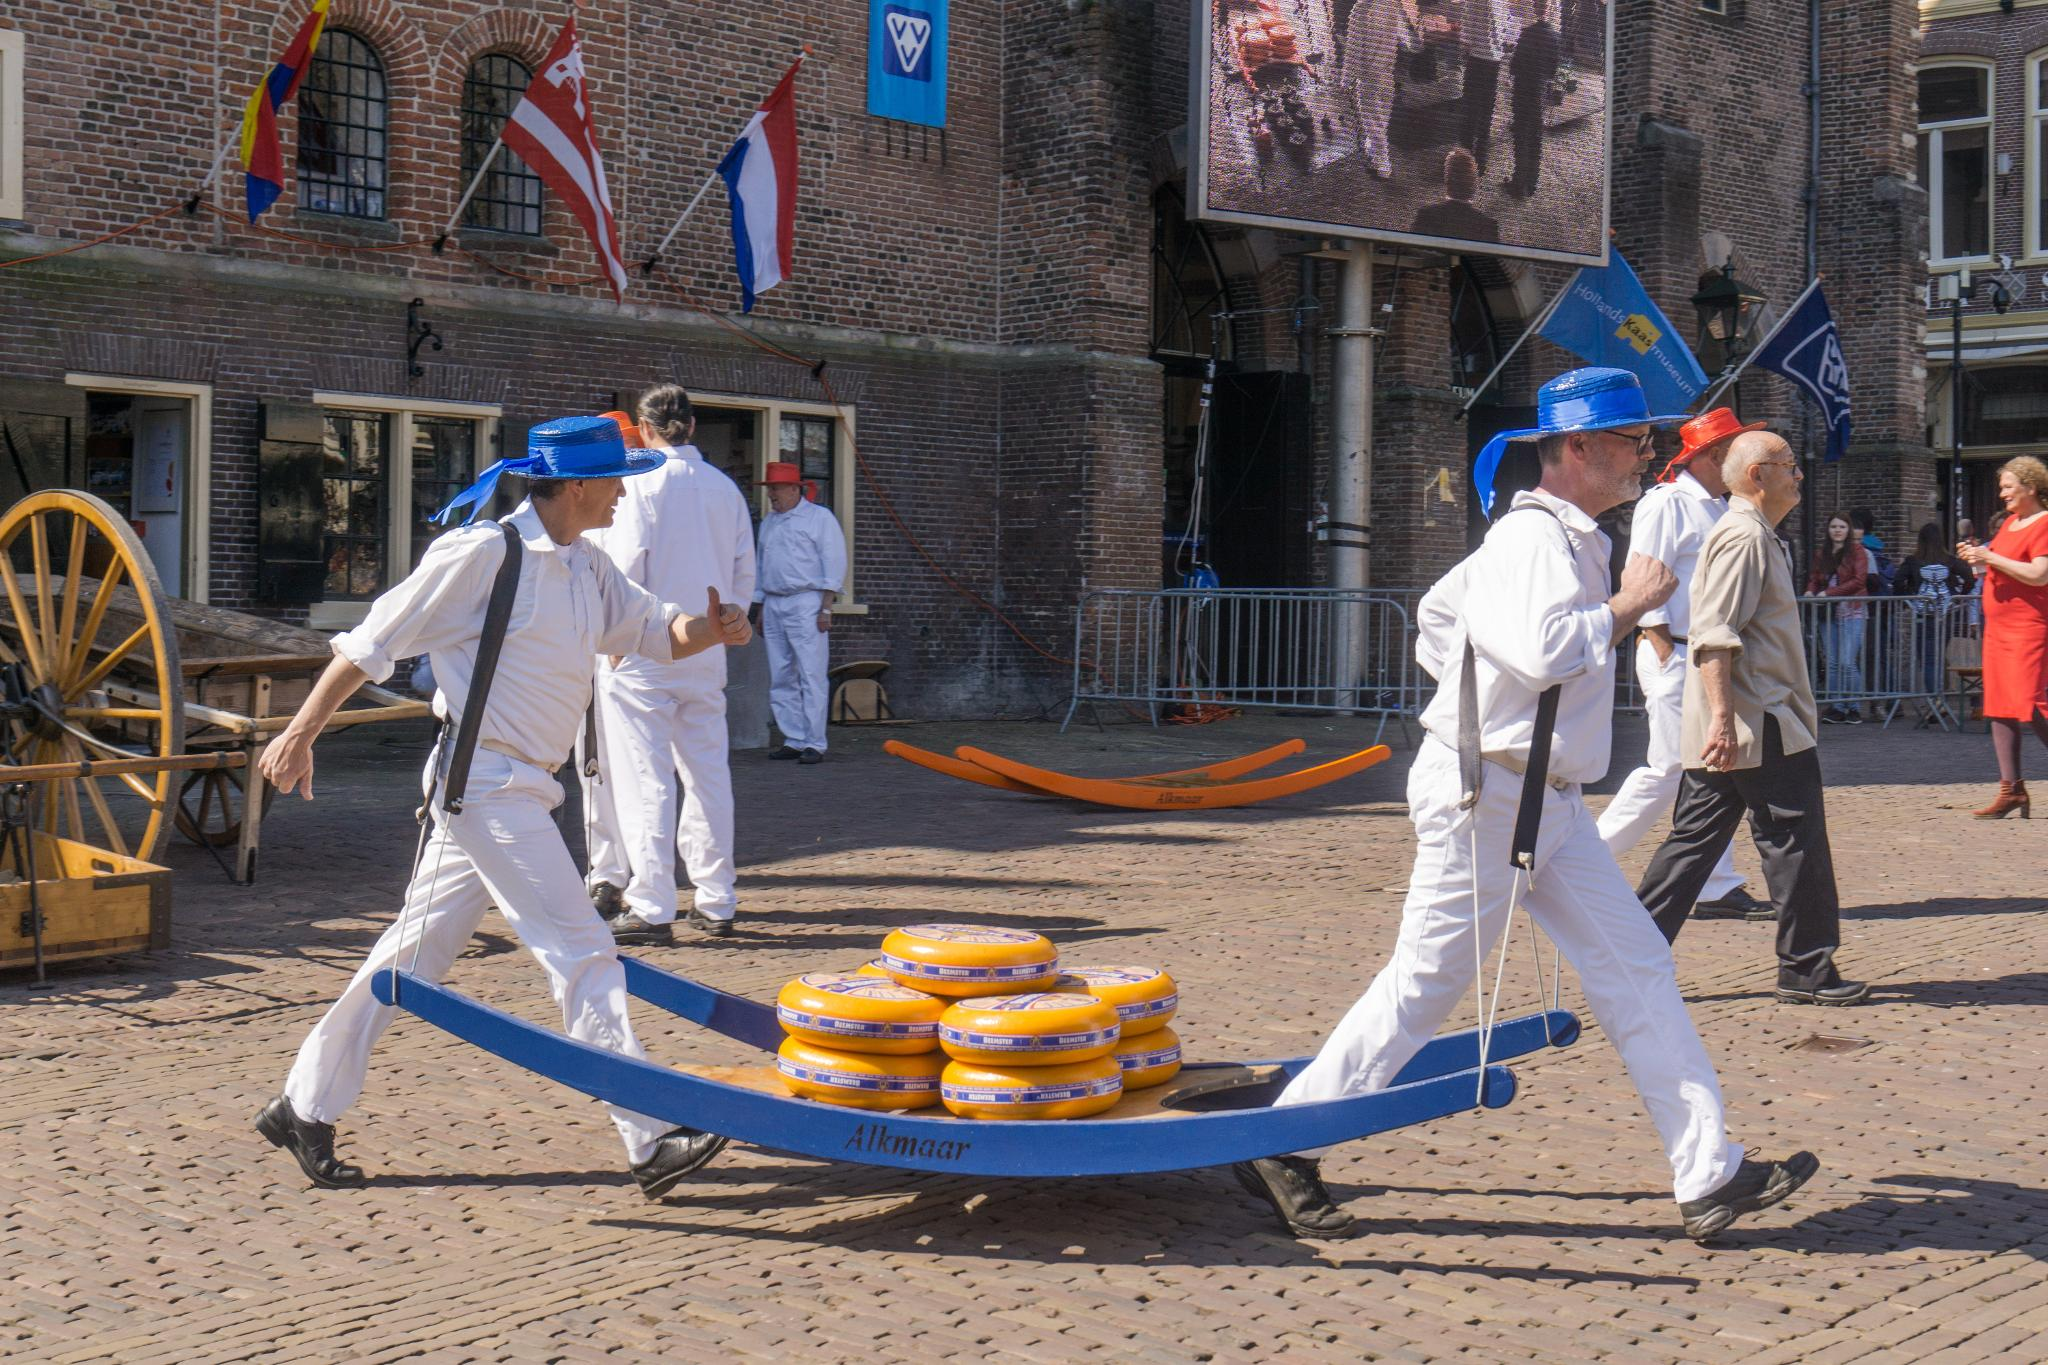 【荷蘭印象】體驗道地的荷式風情 — Alkmaar 起司市集 散步路線整理 23